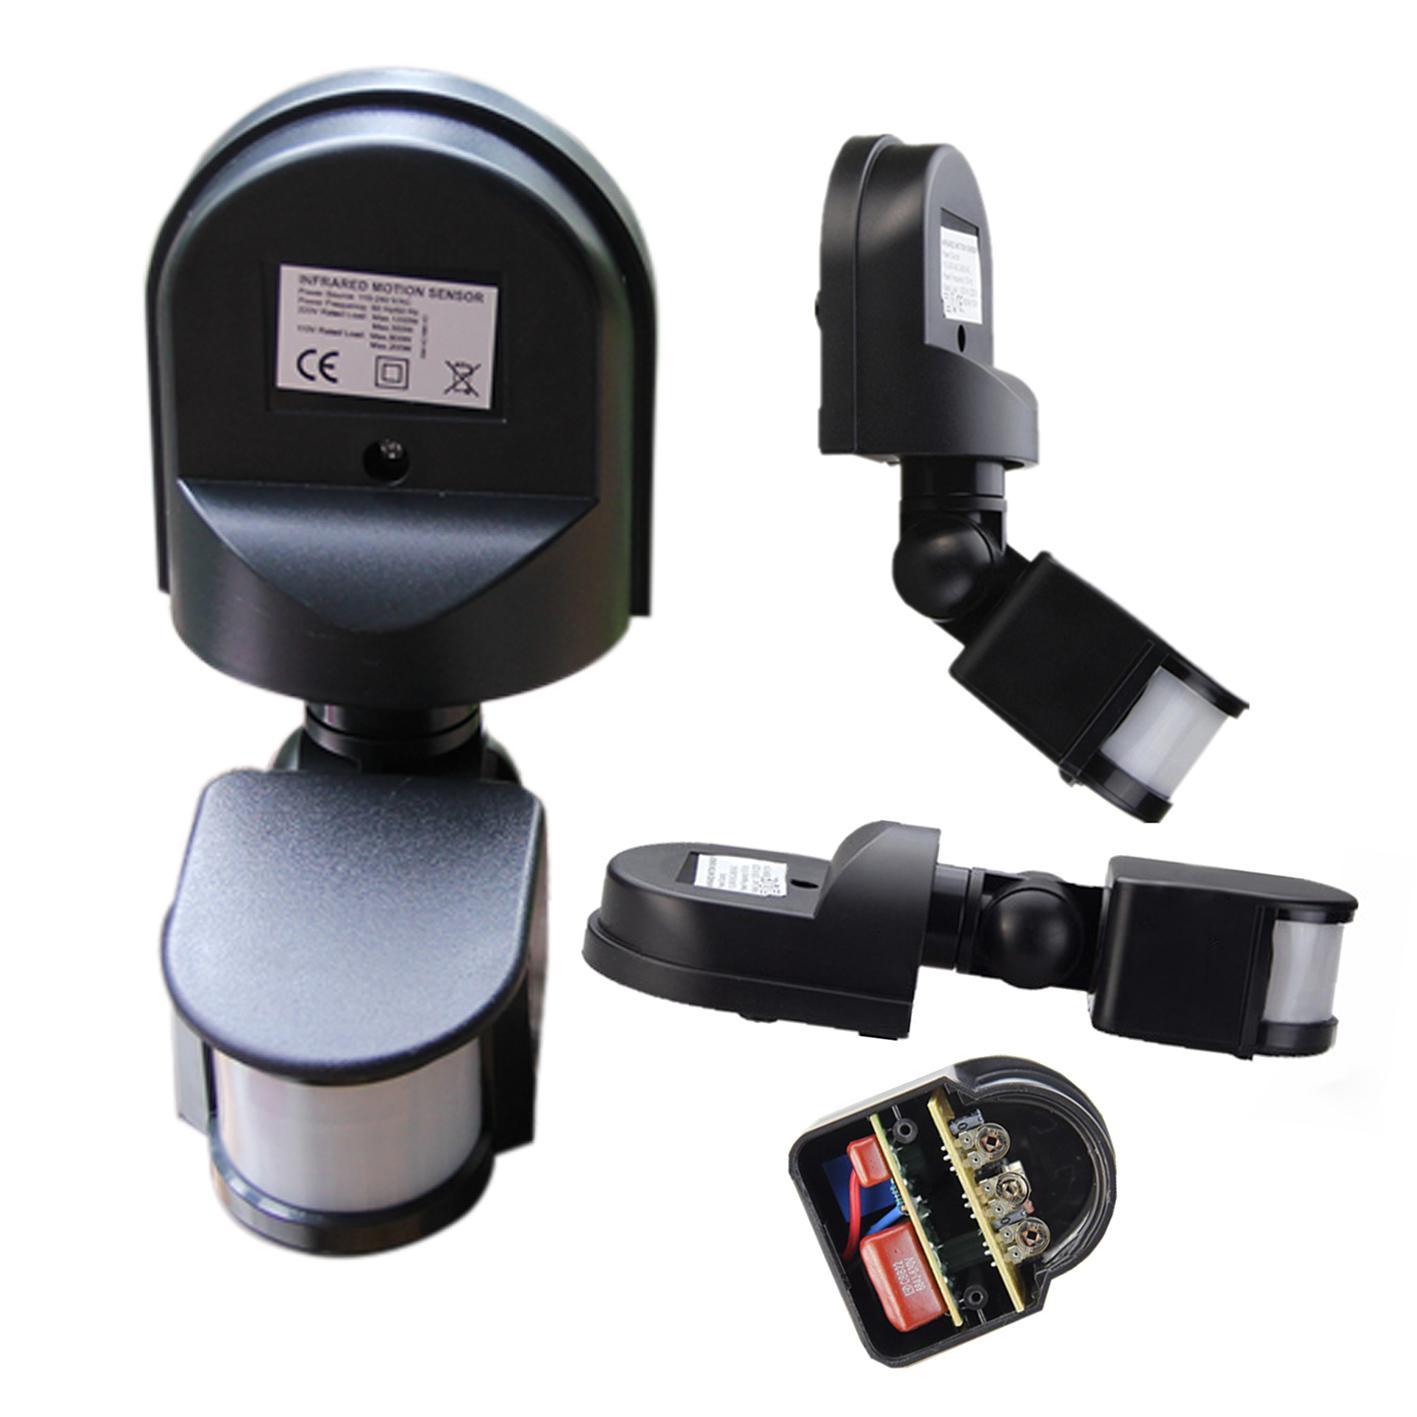 Cảm biến thông minh tắt mở đèn và các thiết bị điện gia dụng trong nhà